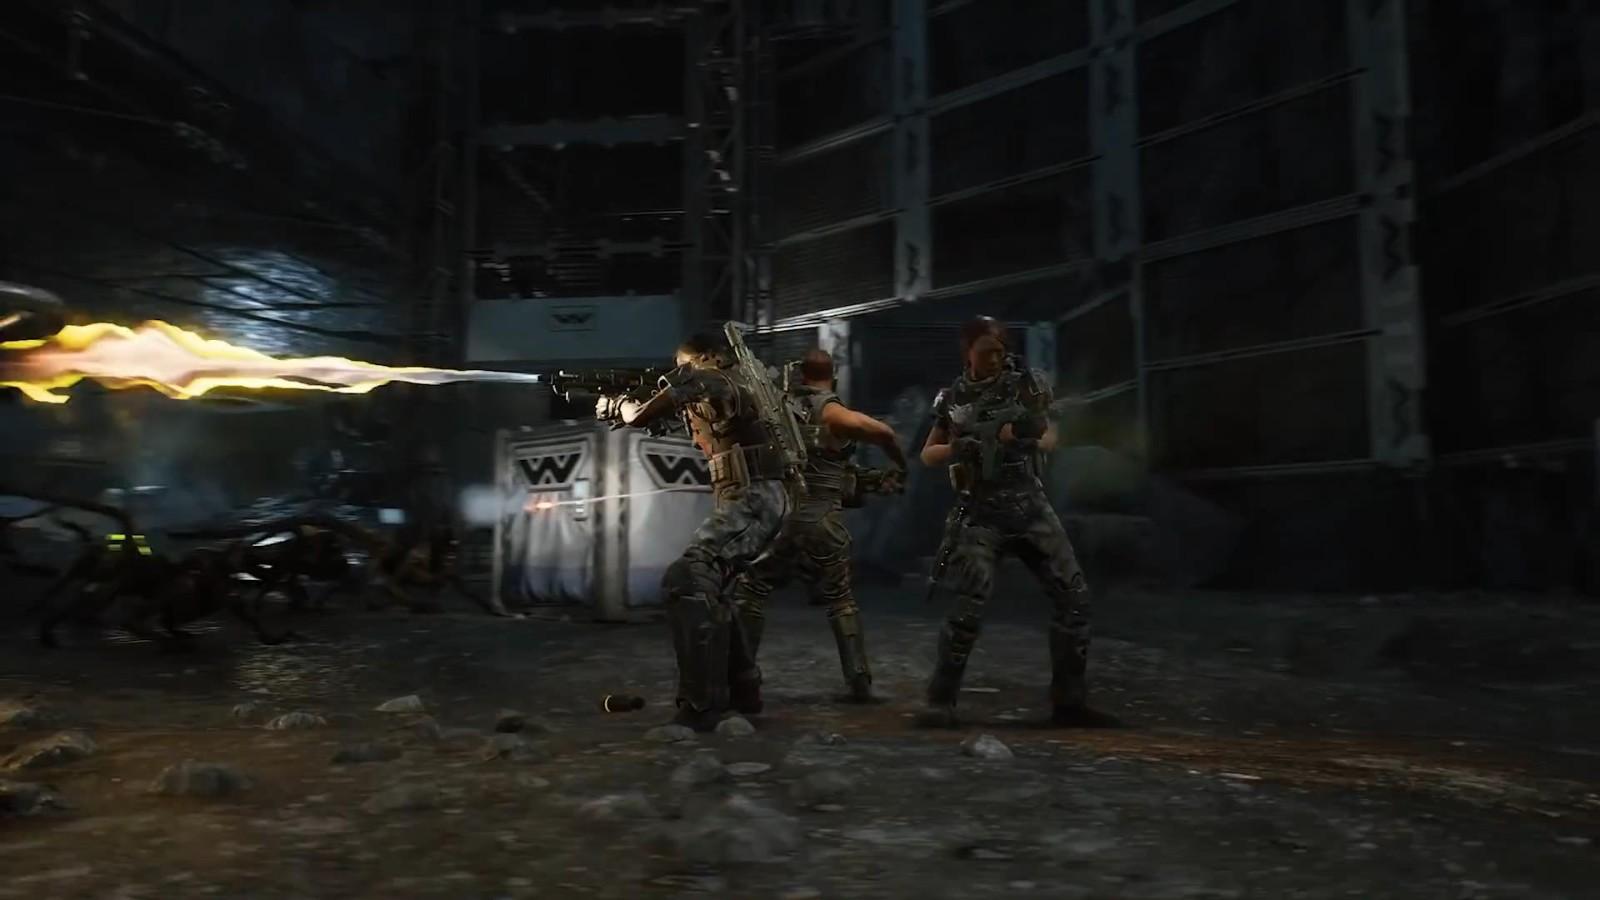 《异形:火力小队》新预告片 激烈对抗异形